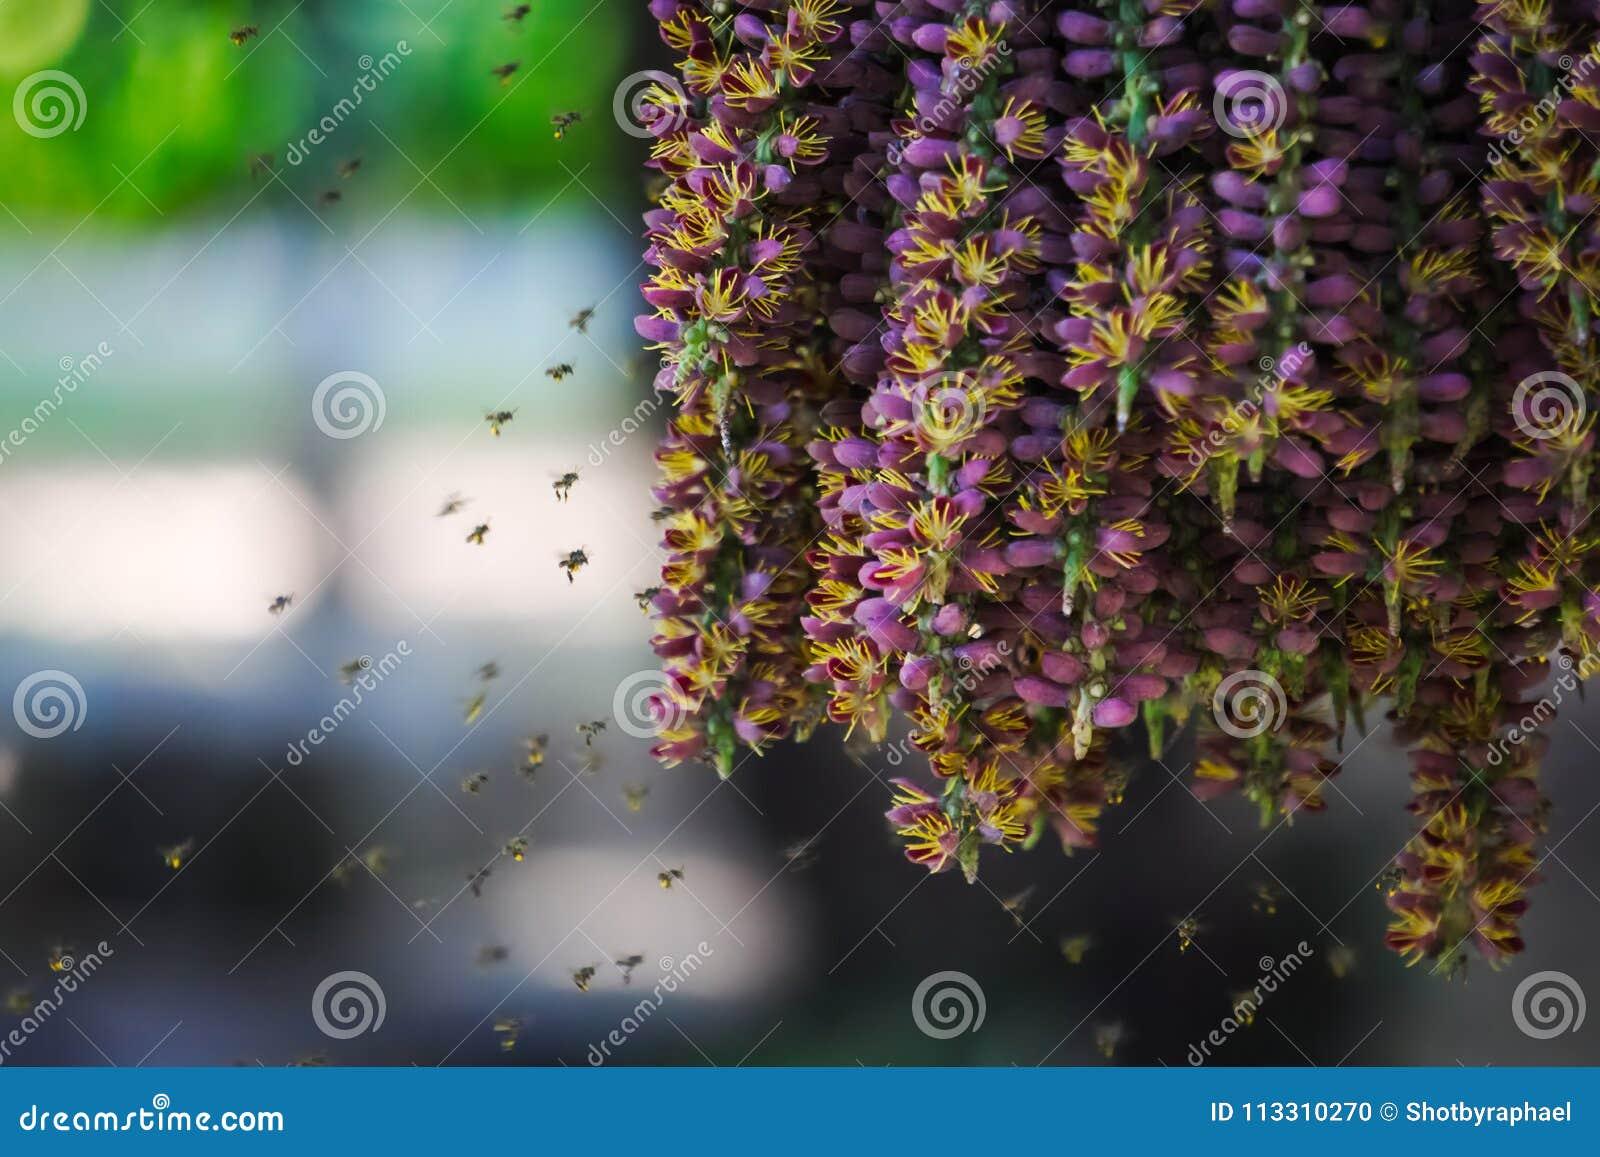 Escena inusualmente hermosa de las abejas el pulular que gozan del polen de un grupo colgante de flores púrpuras de una planta de